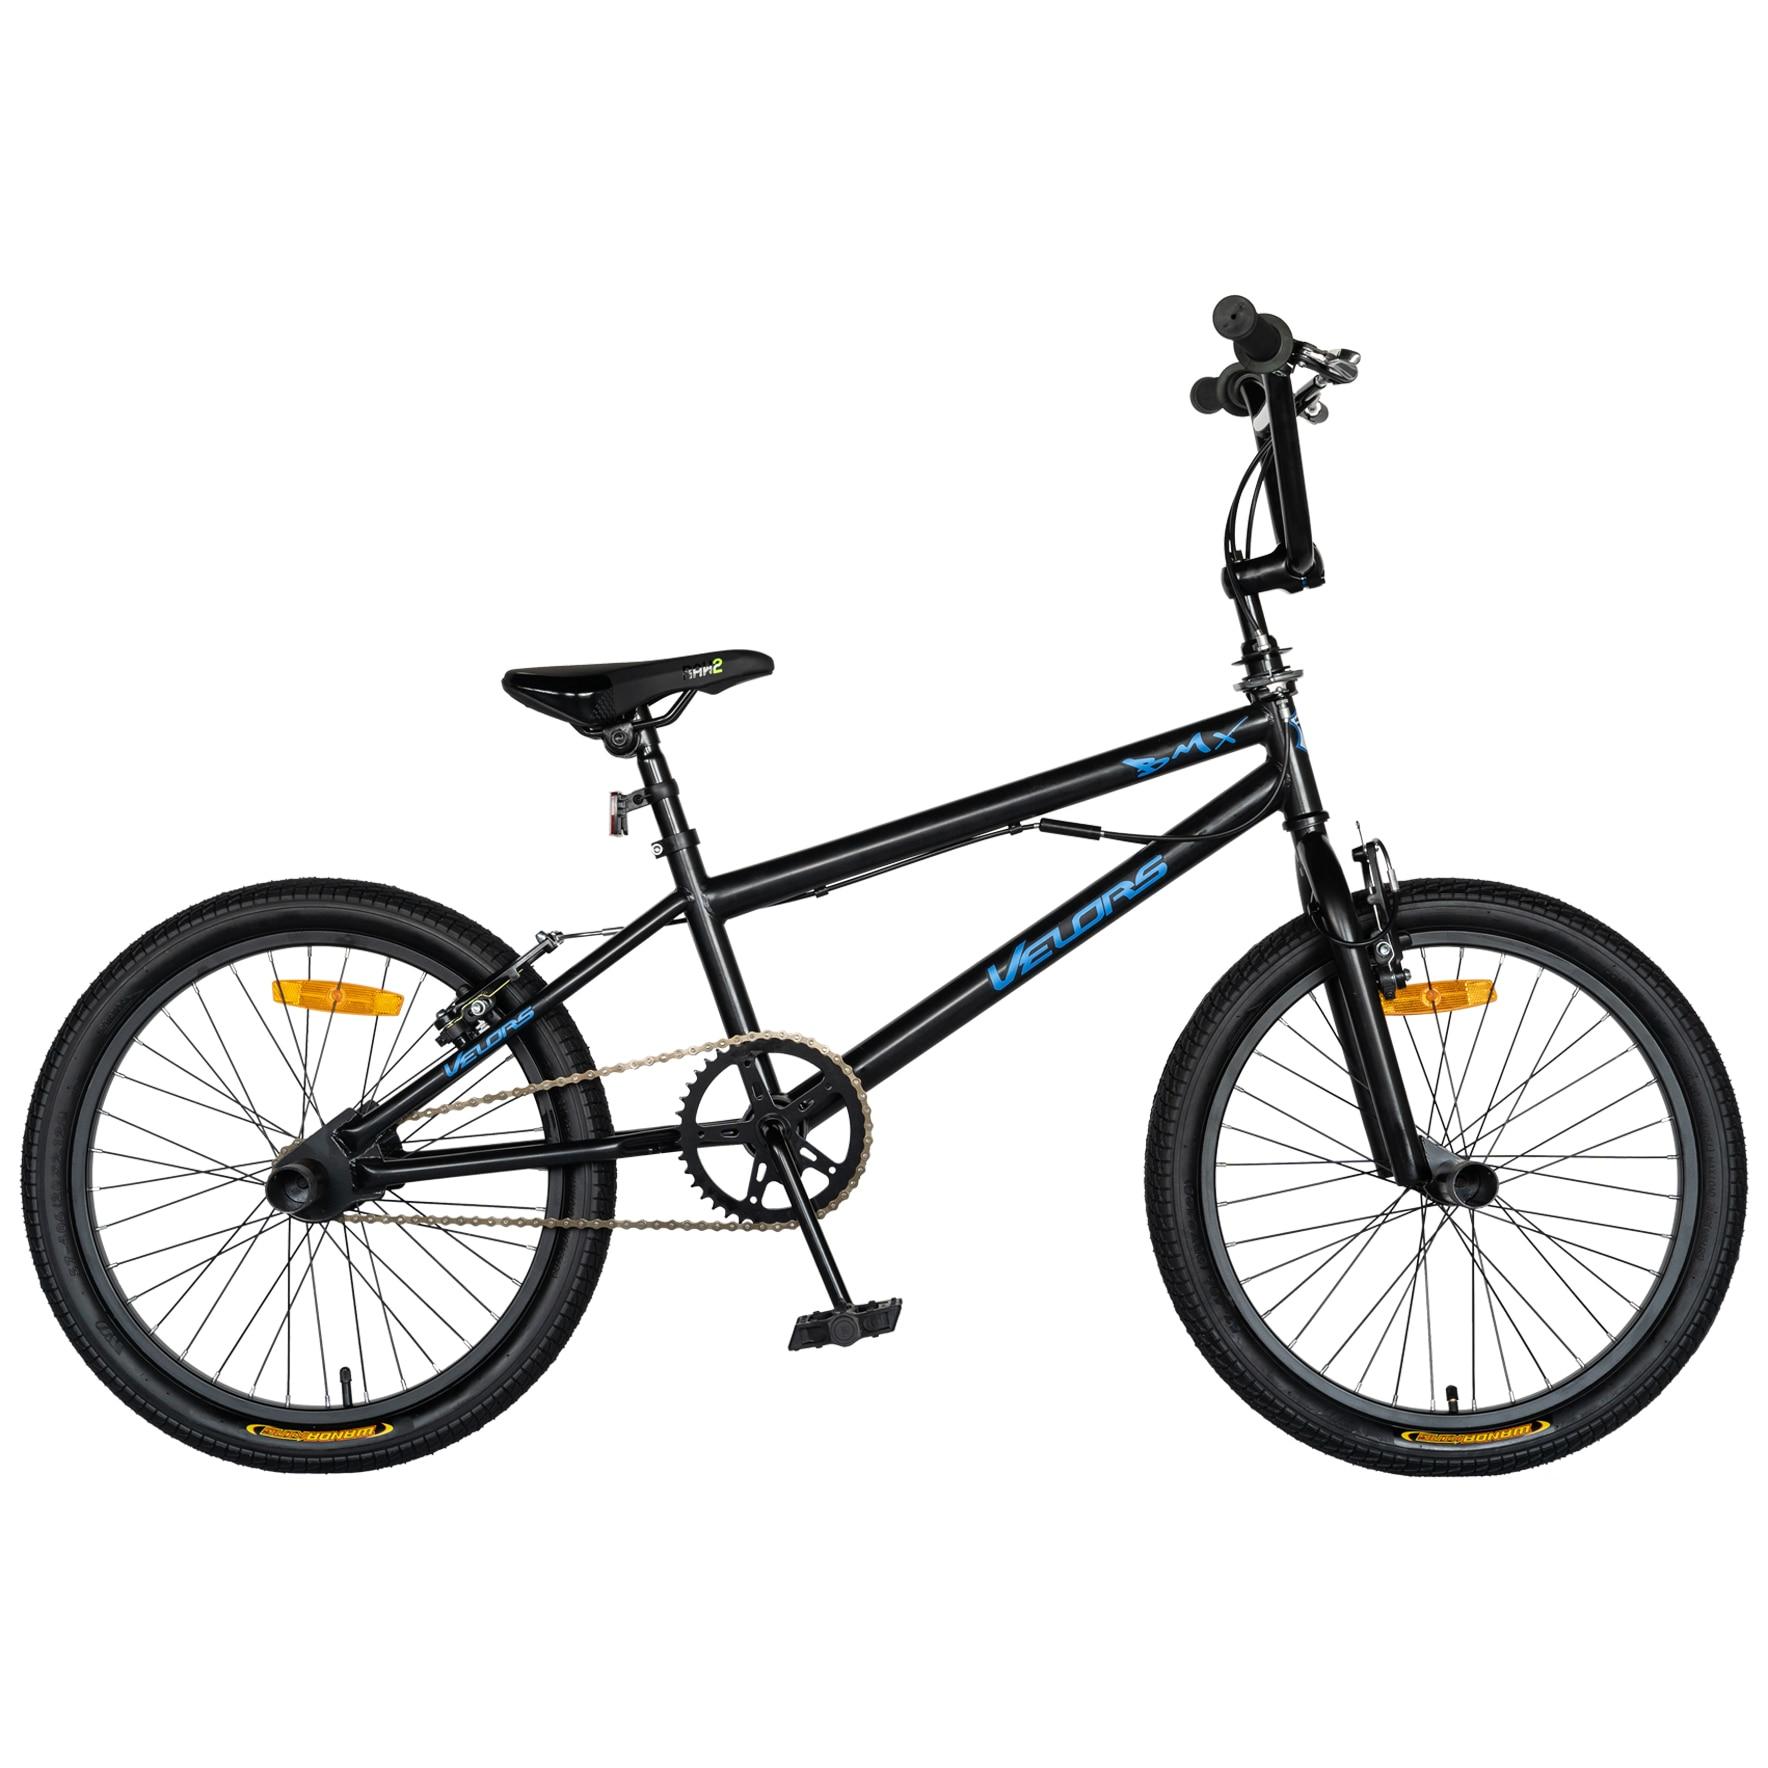 Fotografie Bicicleta BMX Carpat V2016A Peg-uri incluse, Negru/Albastru